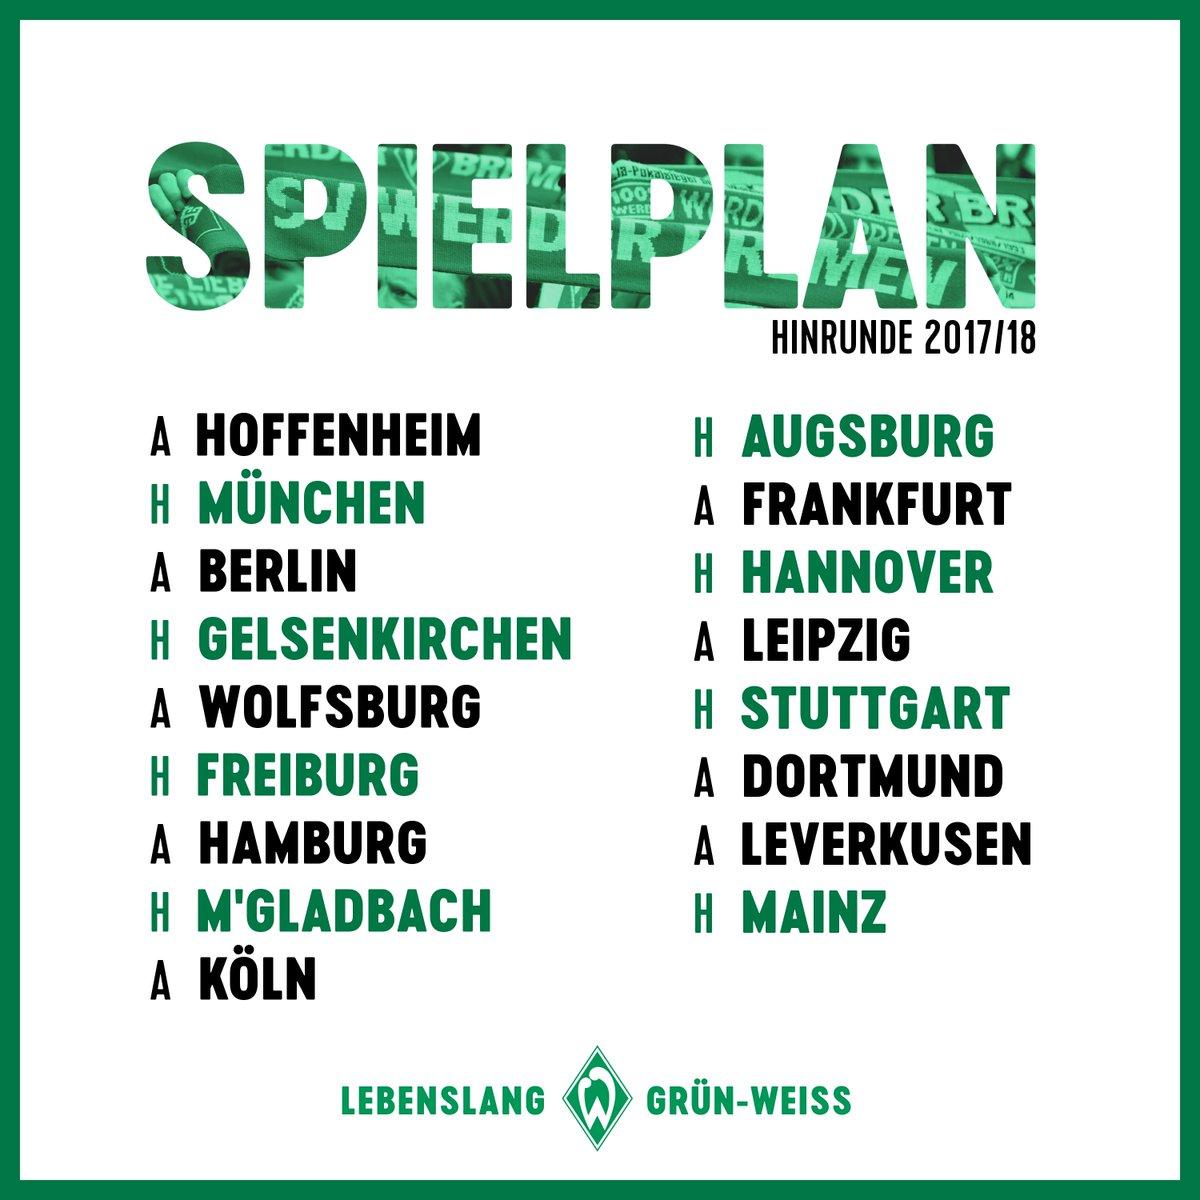 Unser #Spielplan. 📅 #Werder #Bundesliga https://t.co/sdjqGUqrcd